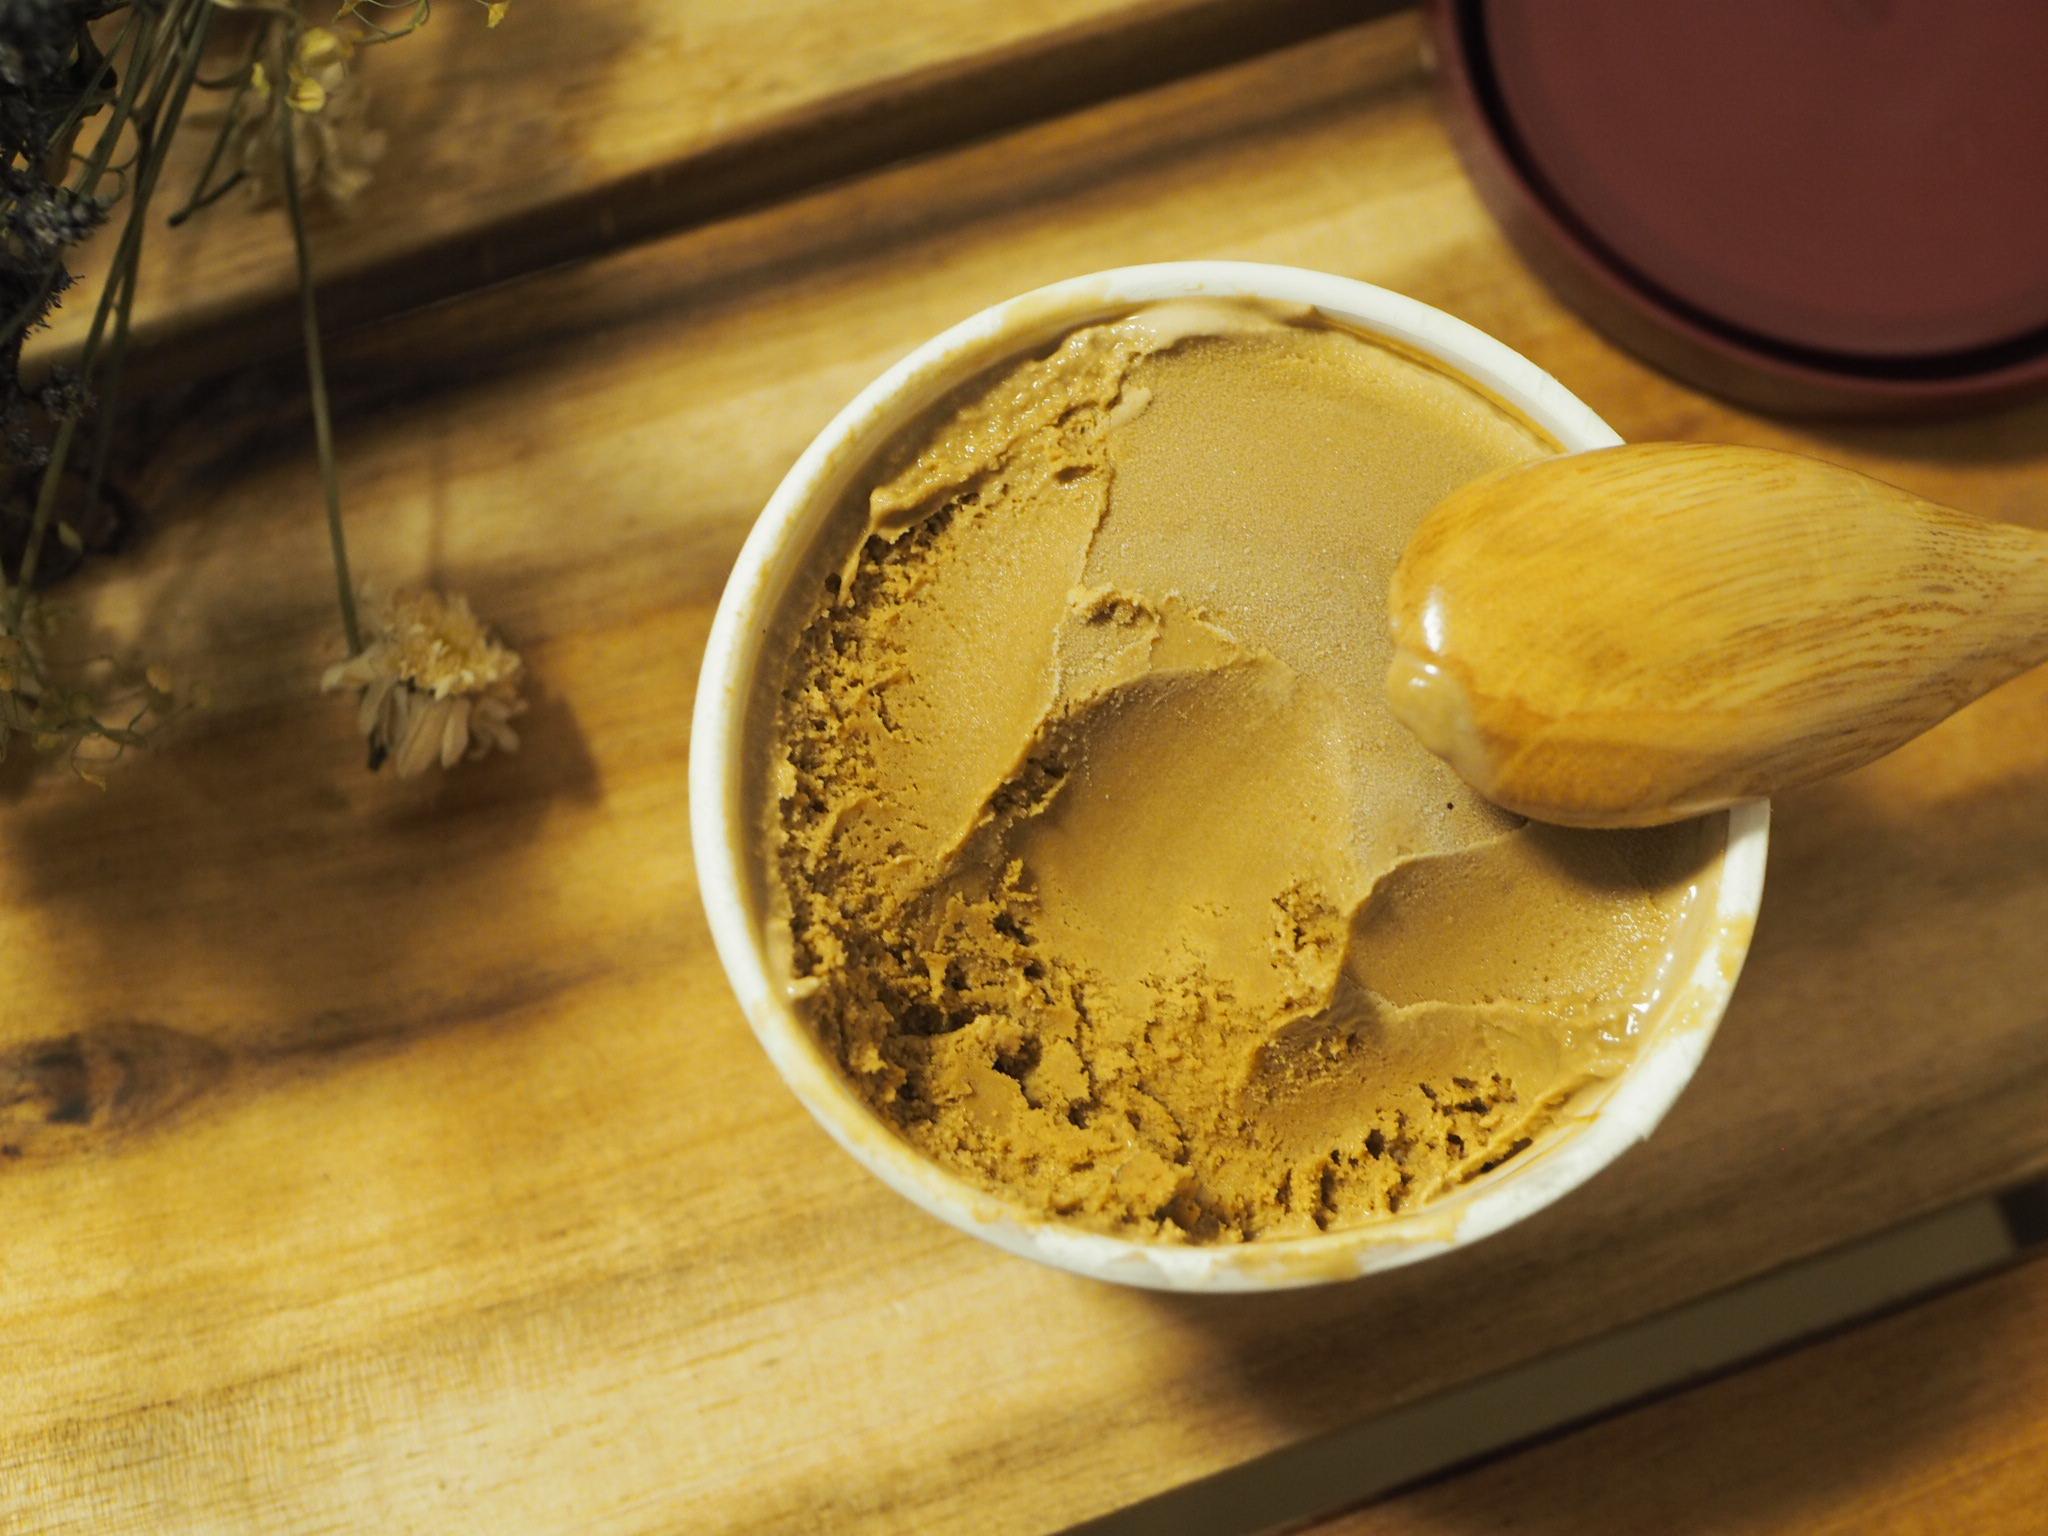 【ハーゲンダッツ新作】紅茶好き必見!「濃香ロイヤルミルクティー」は間違いない美味しさ♡_6